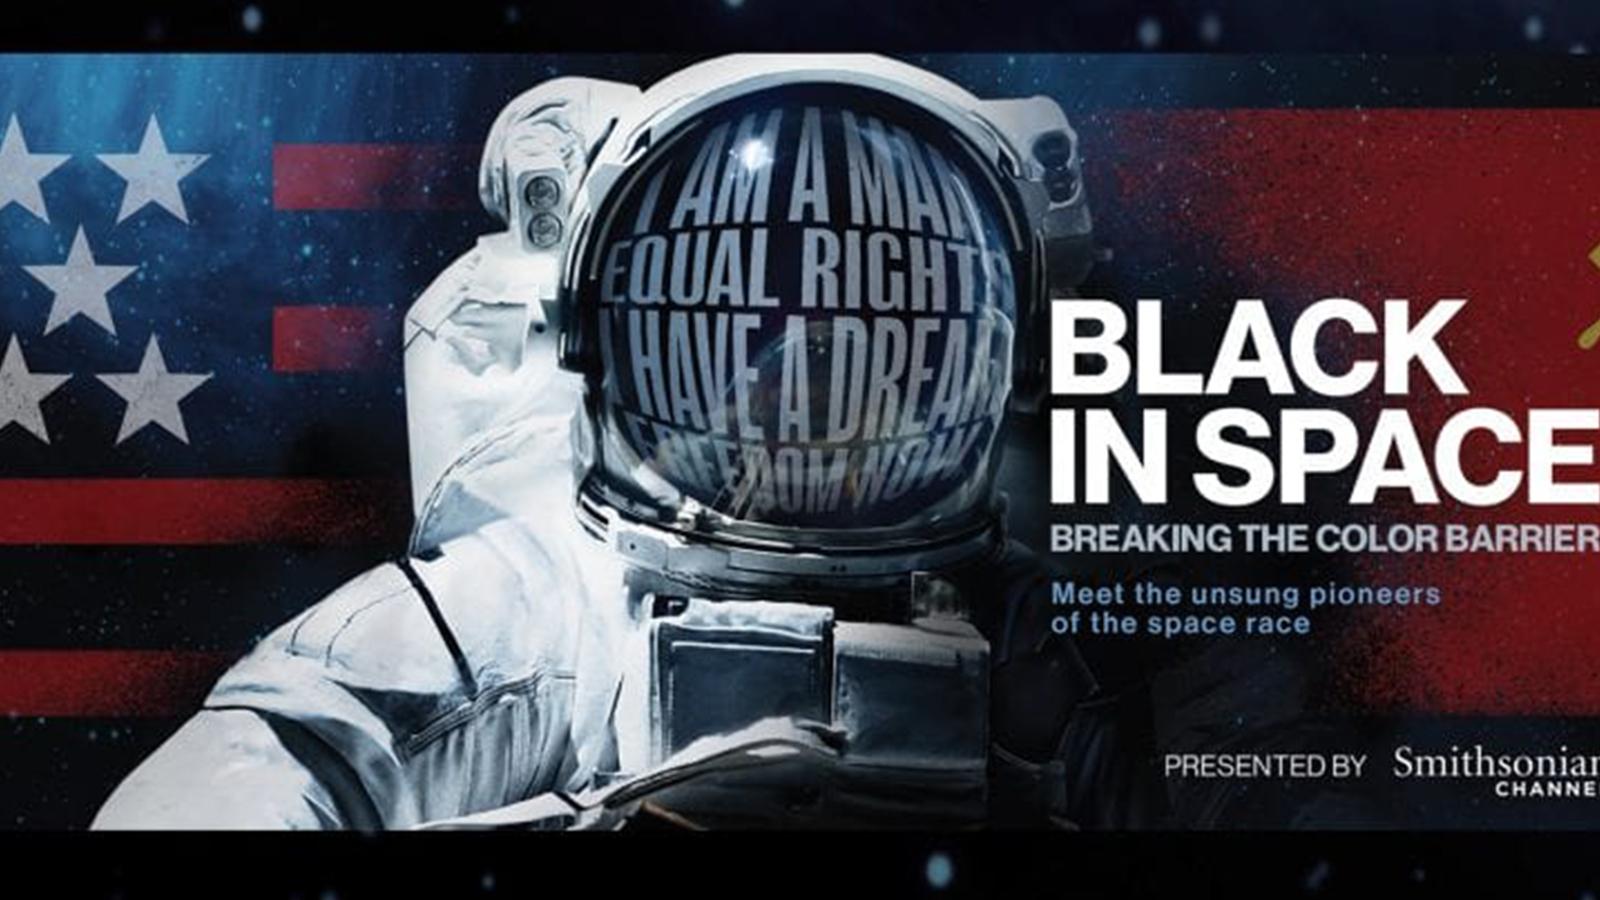 Blacks In Space Screening poster.